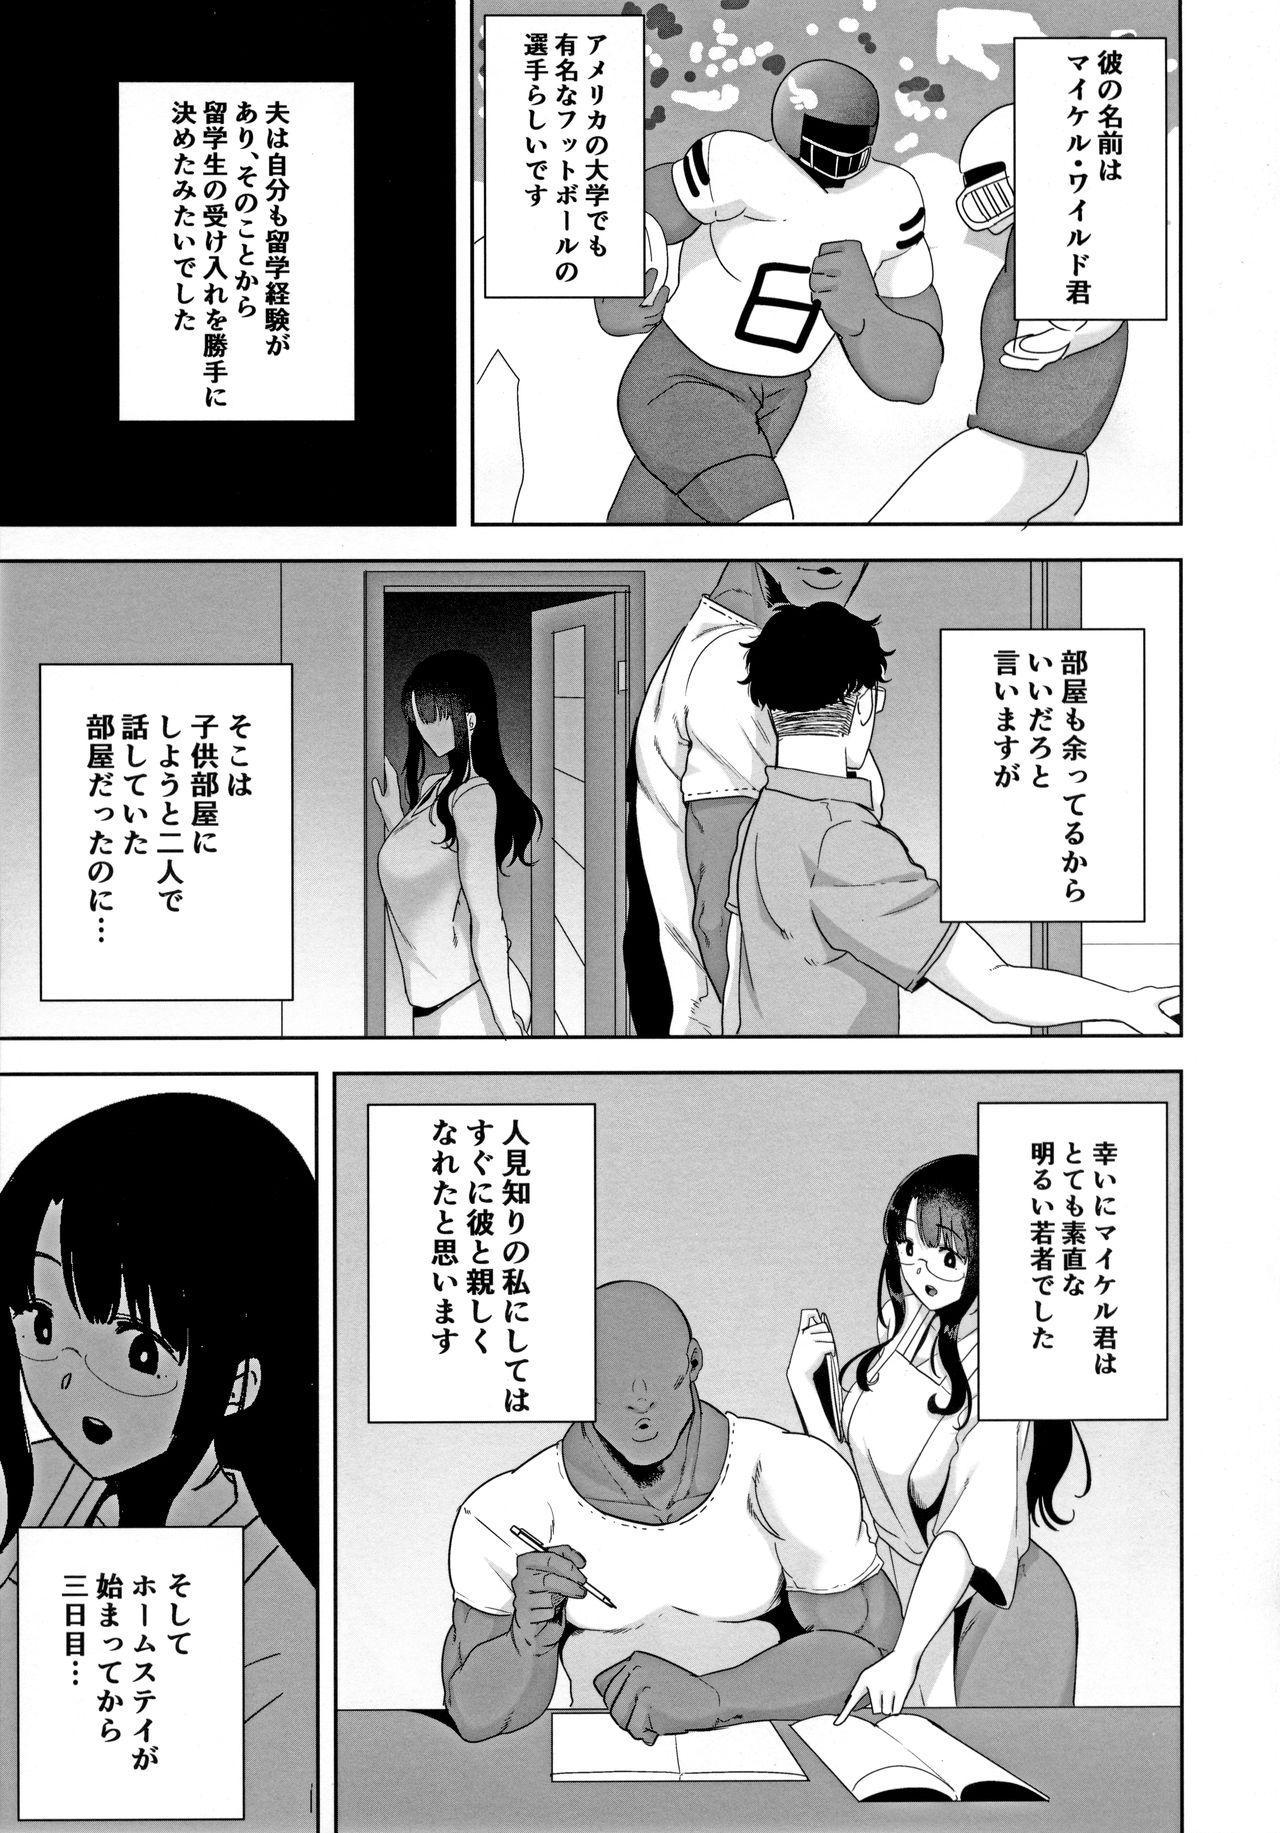 Wild-shiki Nihonjin Tsuma no Netorikata Sono Ichi 3